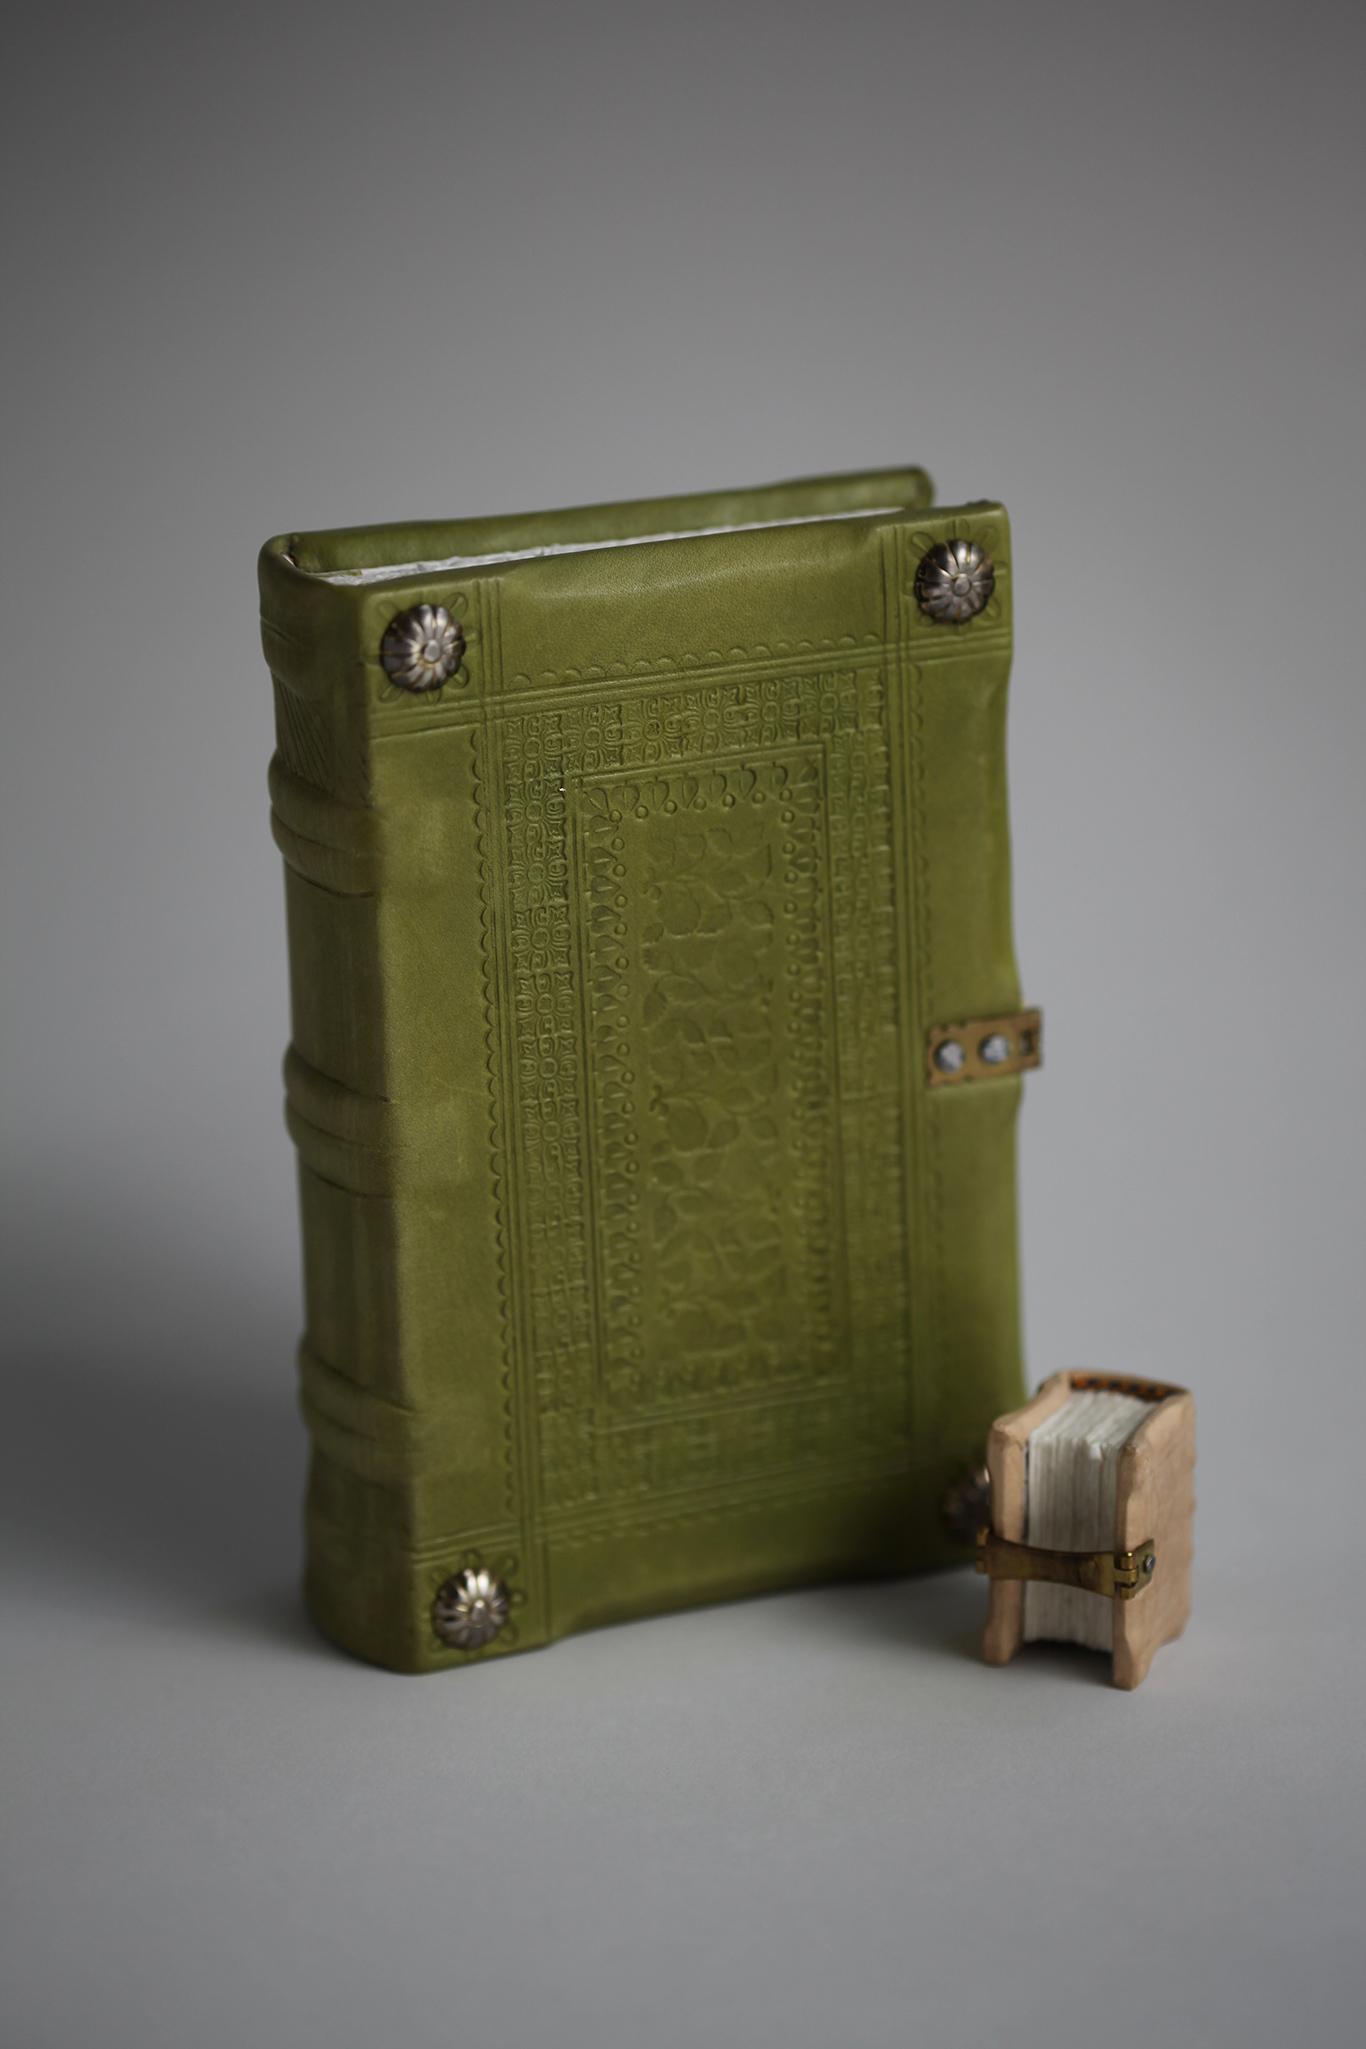 medieval binding